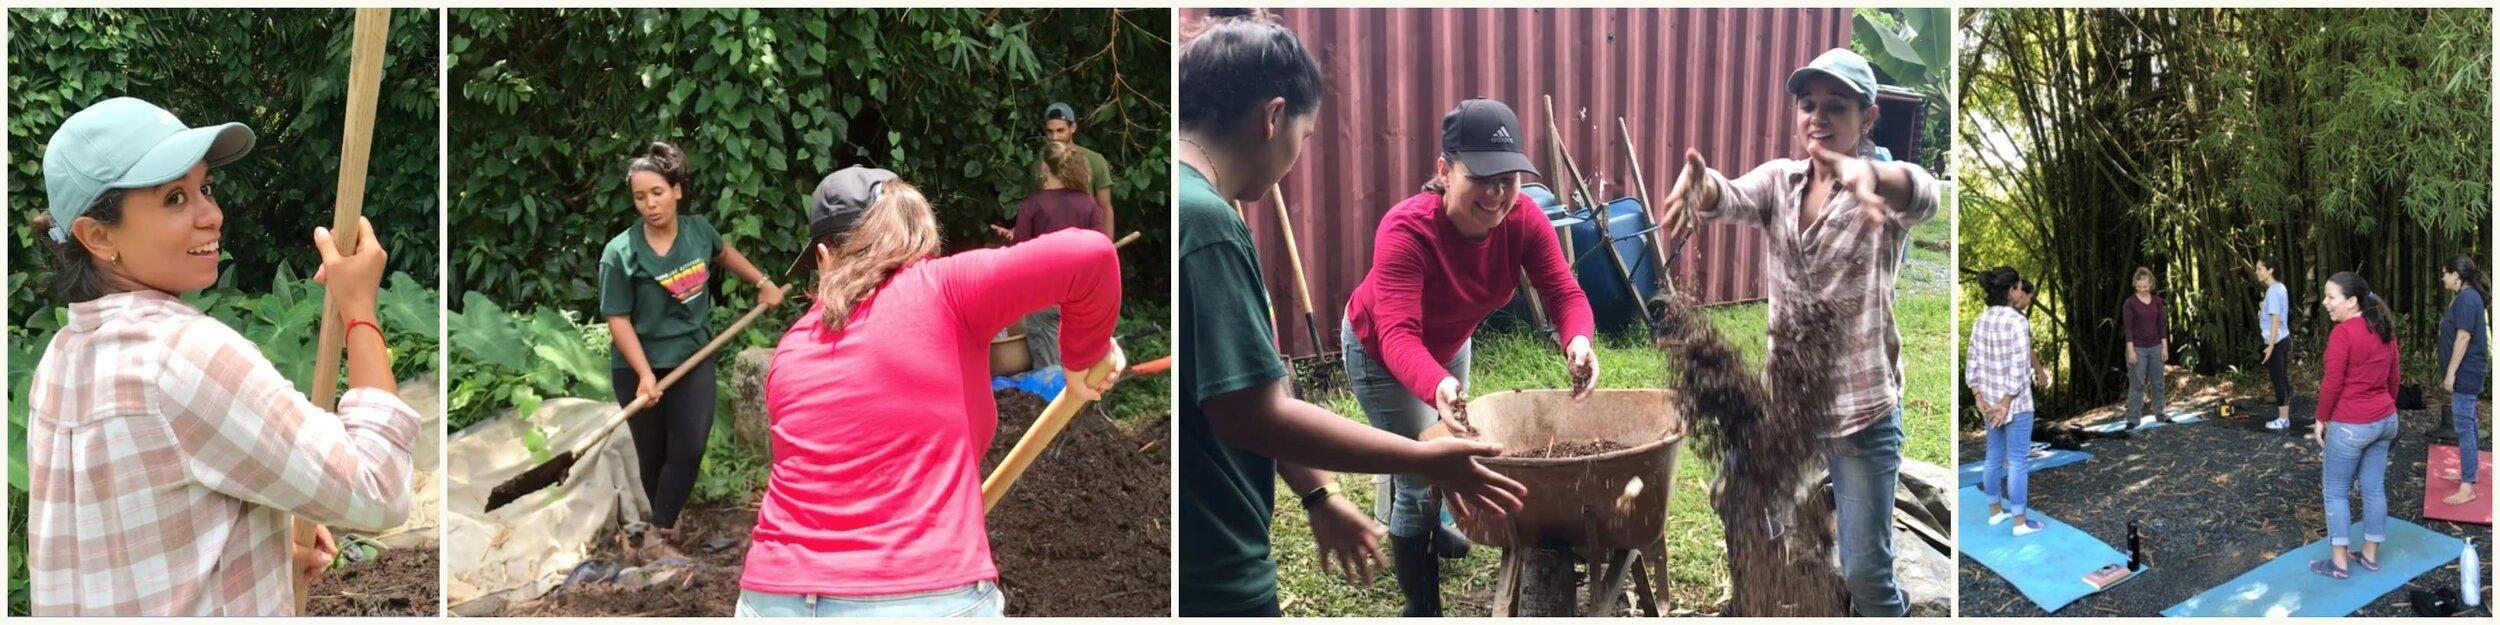 Participantes del    Internado de Educación Agrícola,    Yeli Natali y Naira,       recibiendo entrenamiento en    Plenitud   .